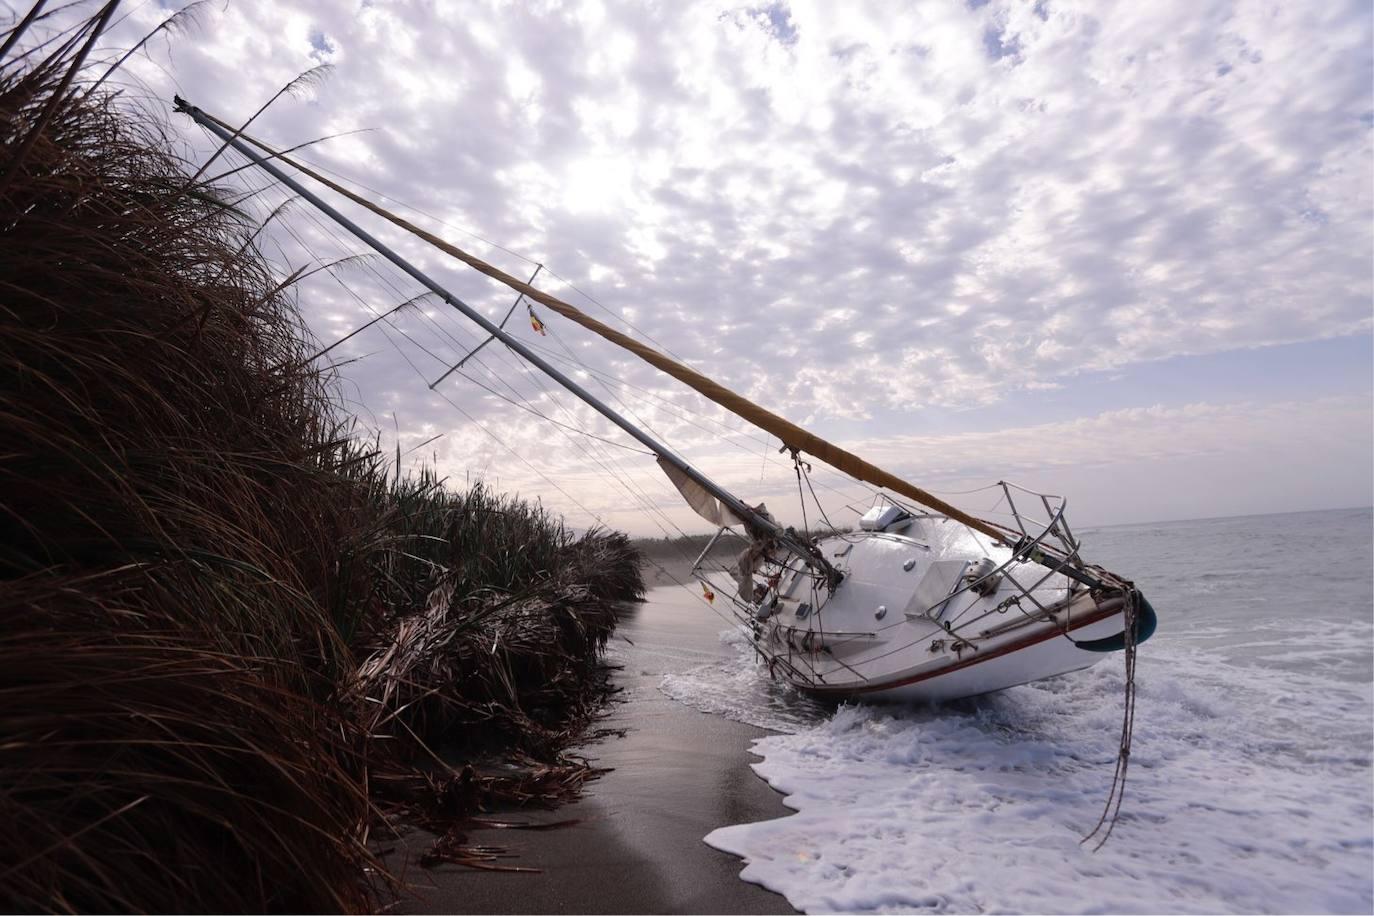 Piden ayuda para sacar un velero de una playa de Salobreña